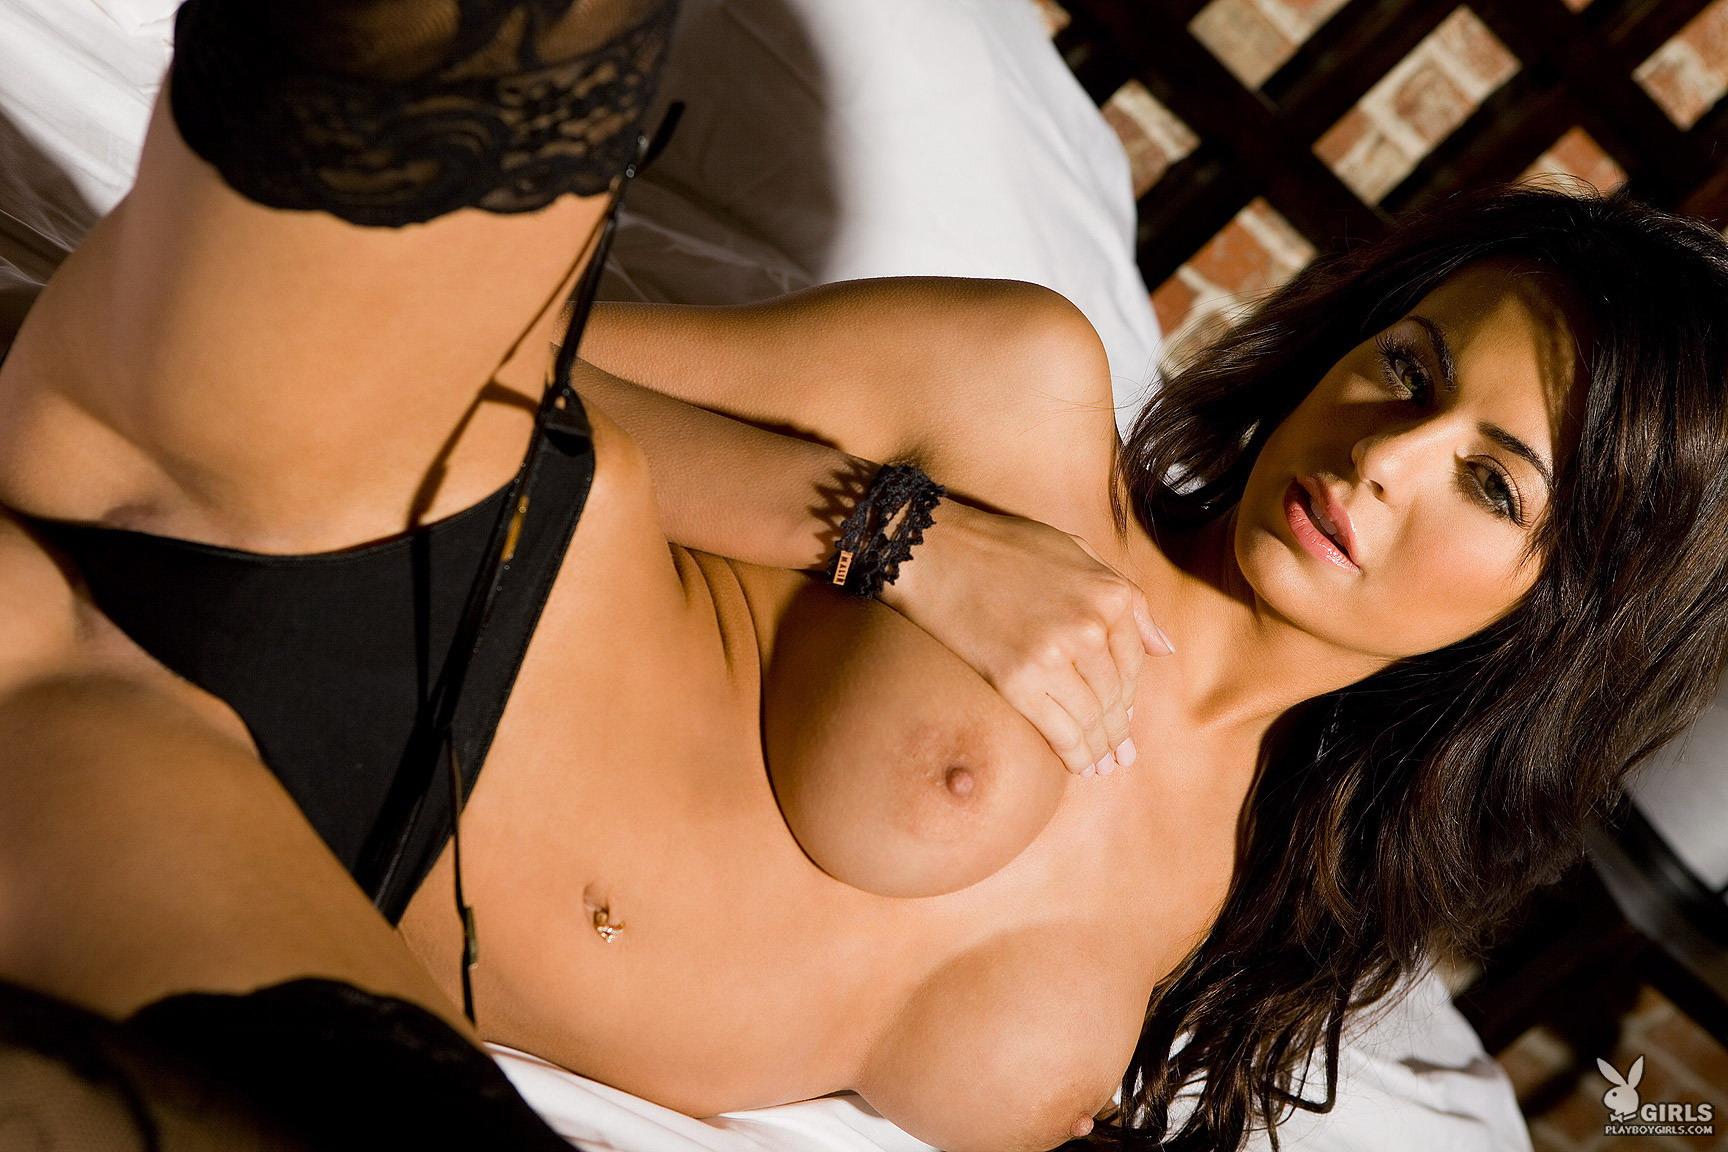 Порно показ нижнего женского белья смотреть бесплатно